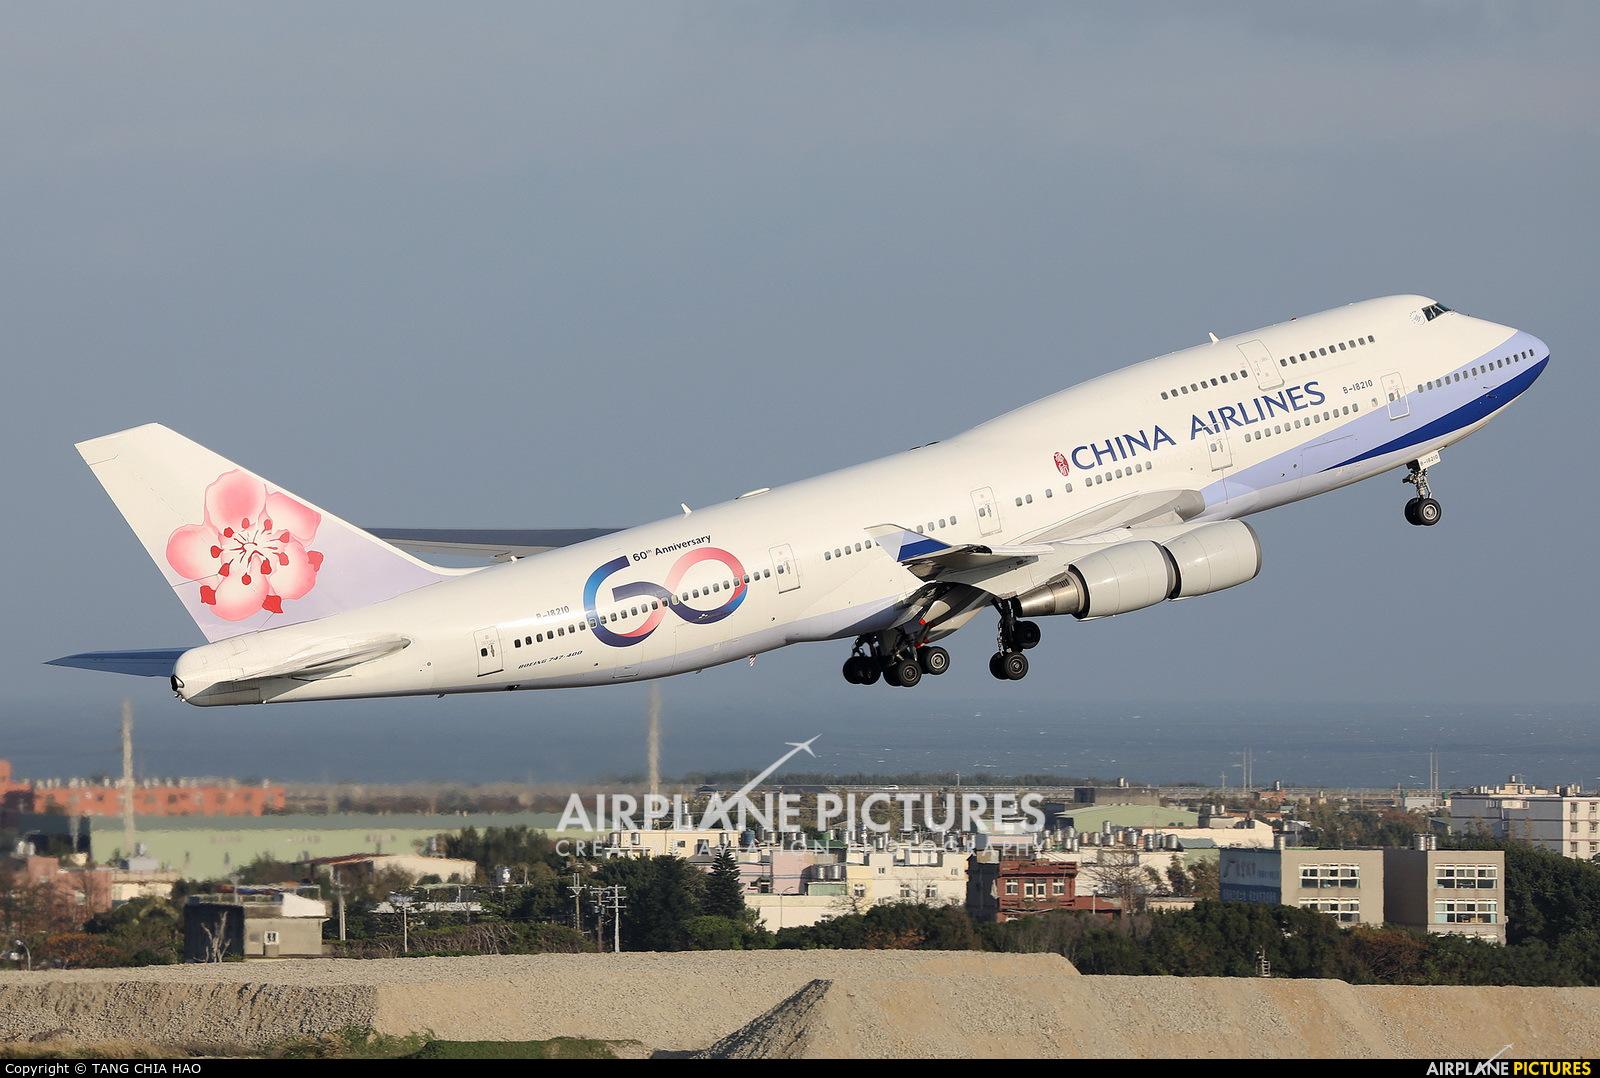 China Airlines B-18210 aircraft at Taipei - Taoyuan Intl